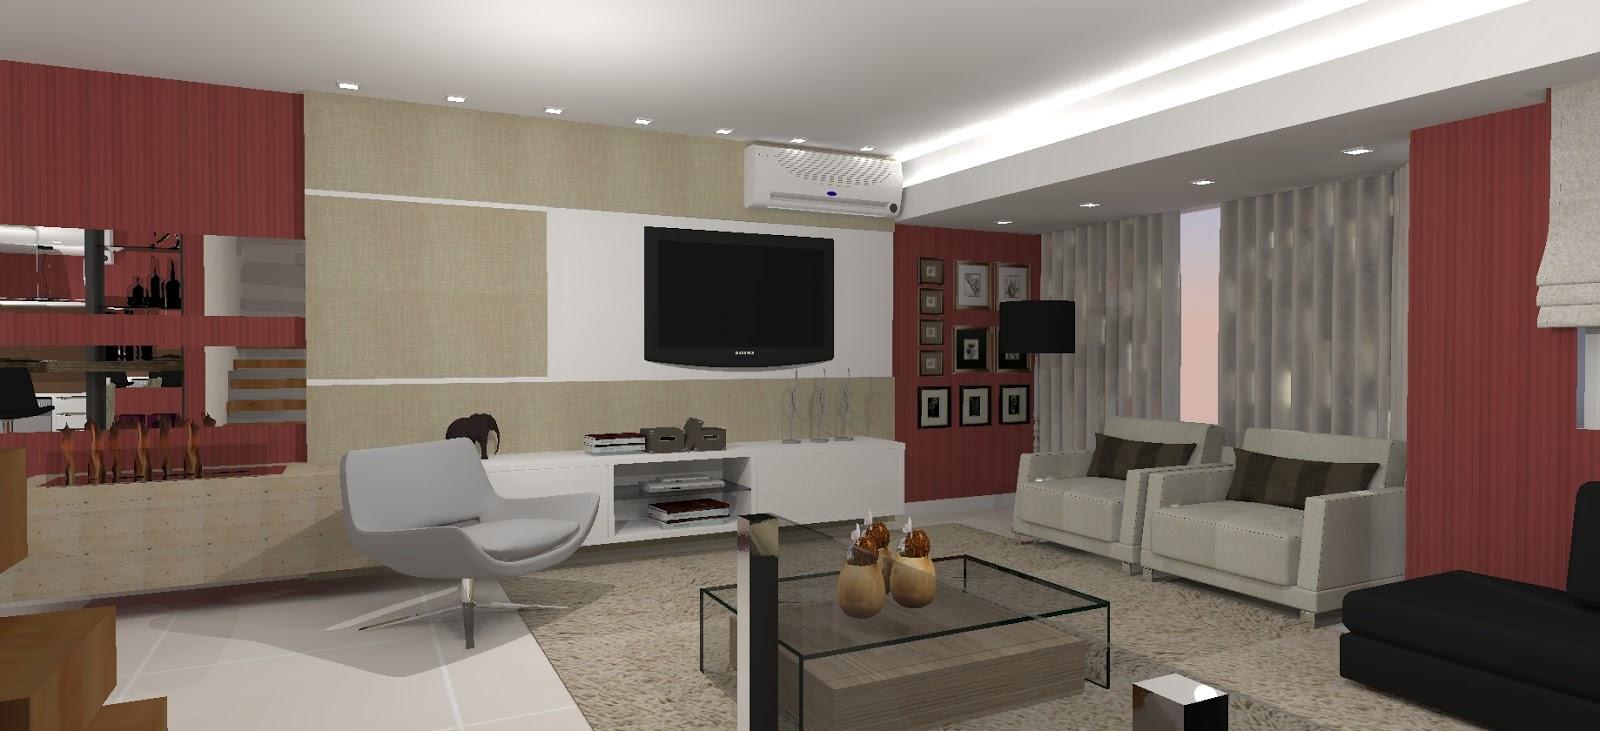 Sala De Jantar E Sala De Tv ~  Arquitetas Associadas Sala de TV, sala de jantar e cozinha integradas